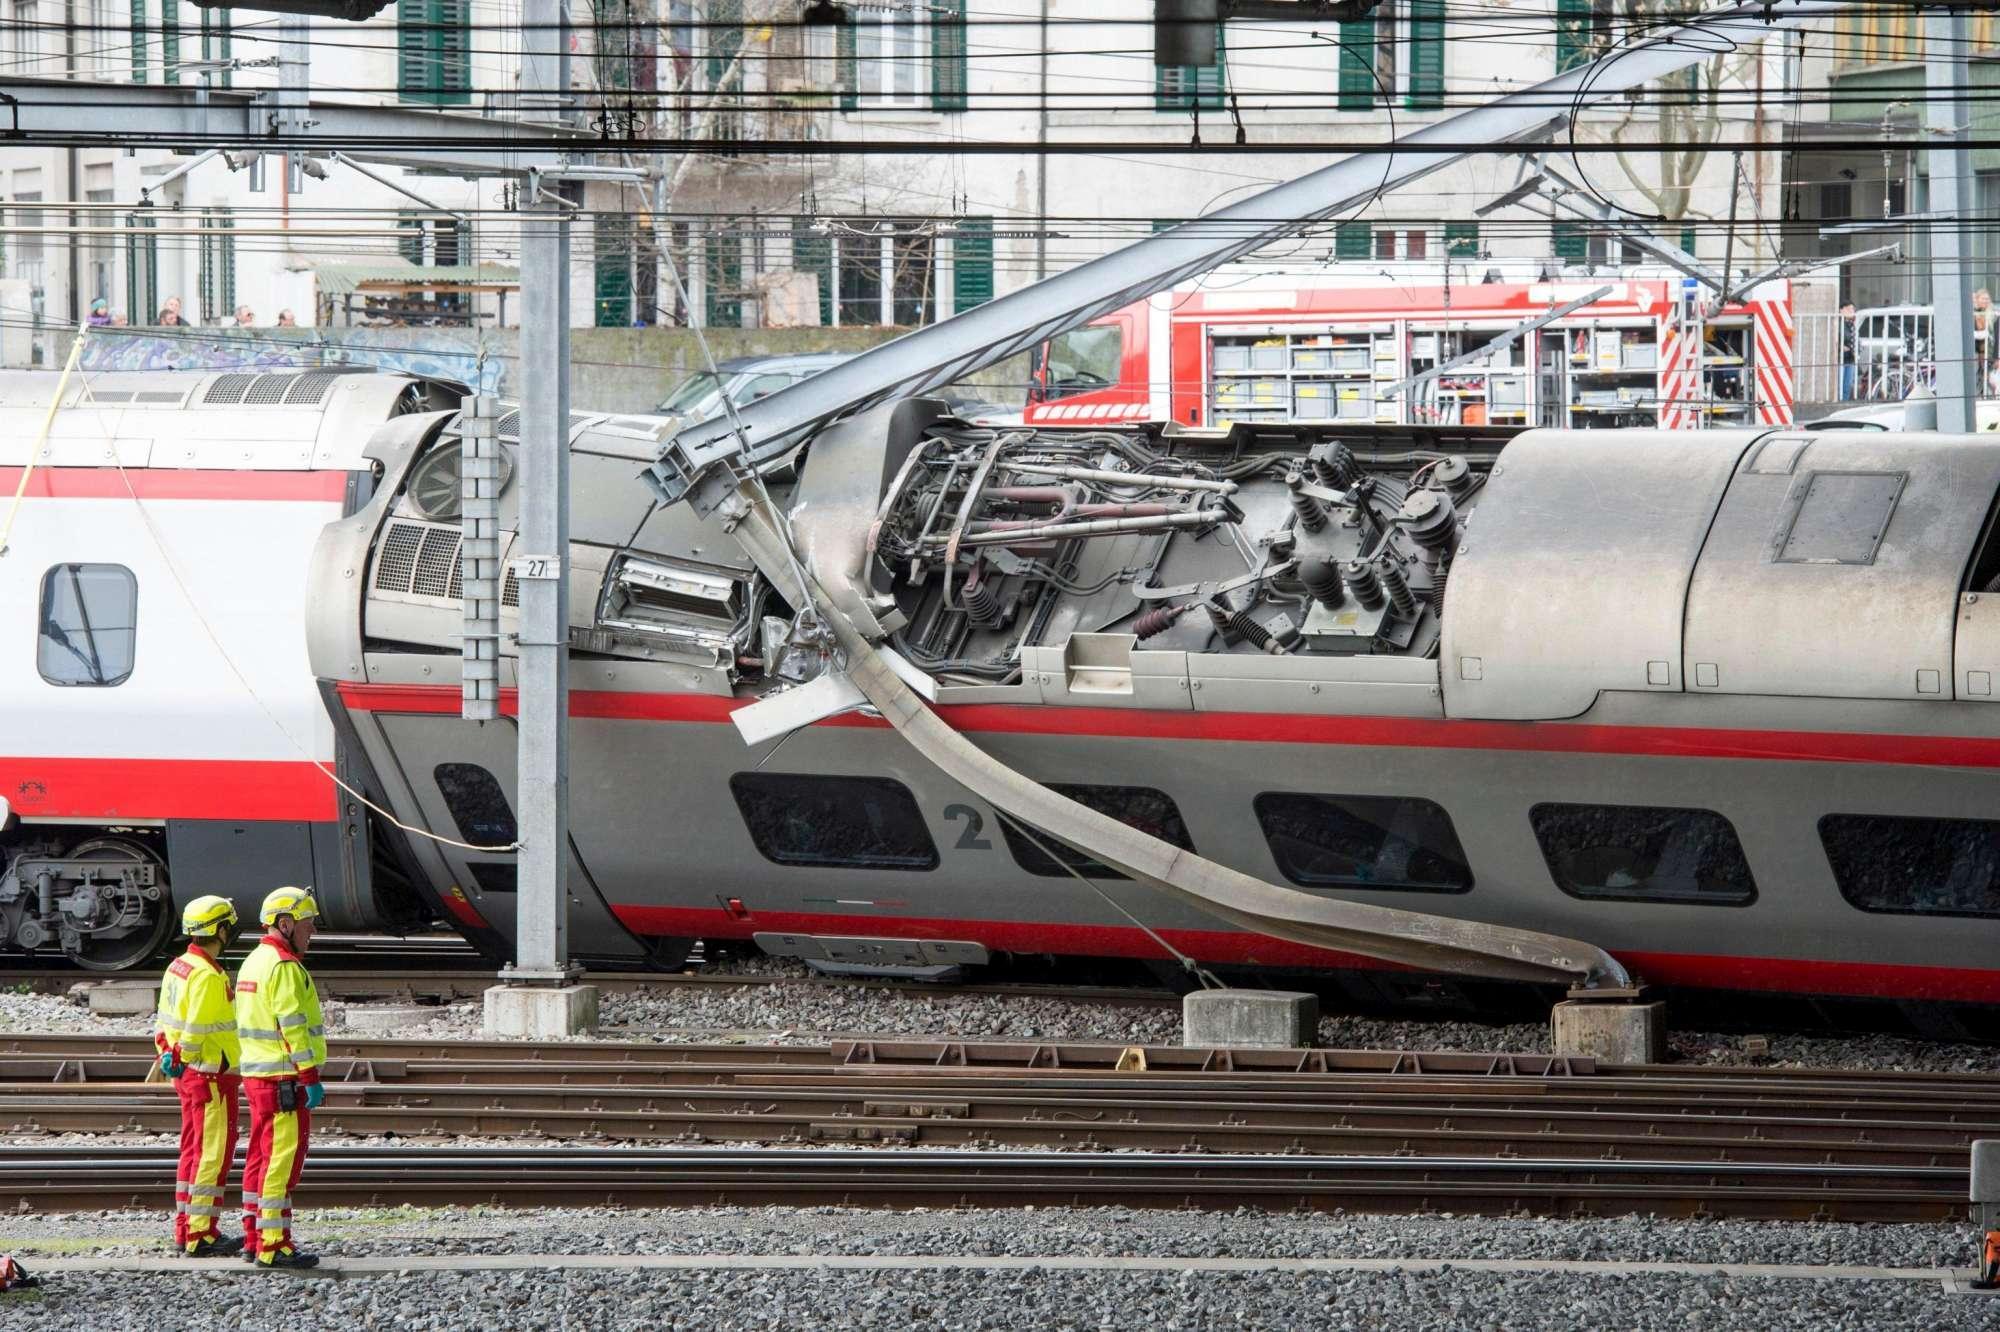 Deragliato il treno Milano-Basilea  almeno 7 passeggeri feriti - Tgcom24 d03be6564e